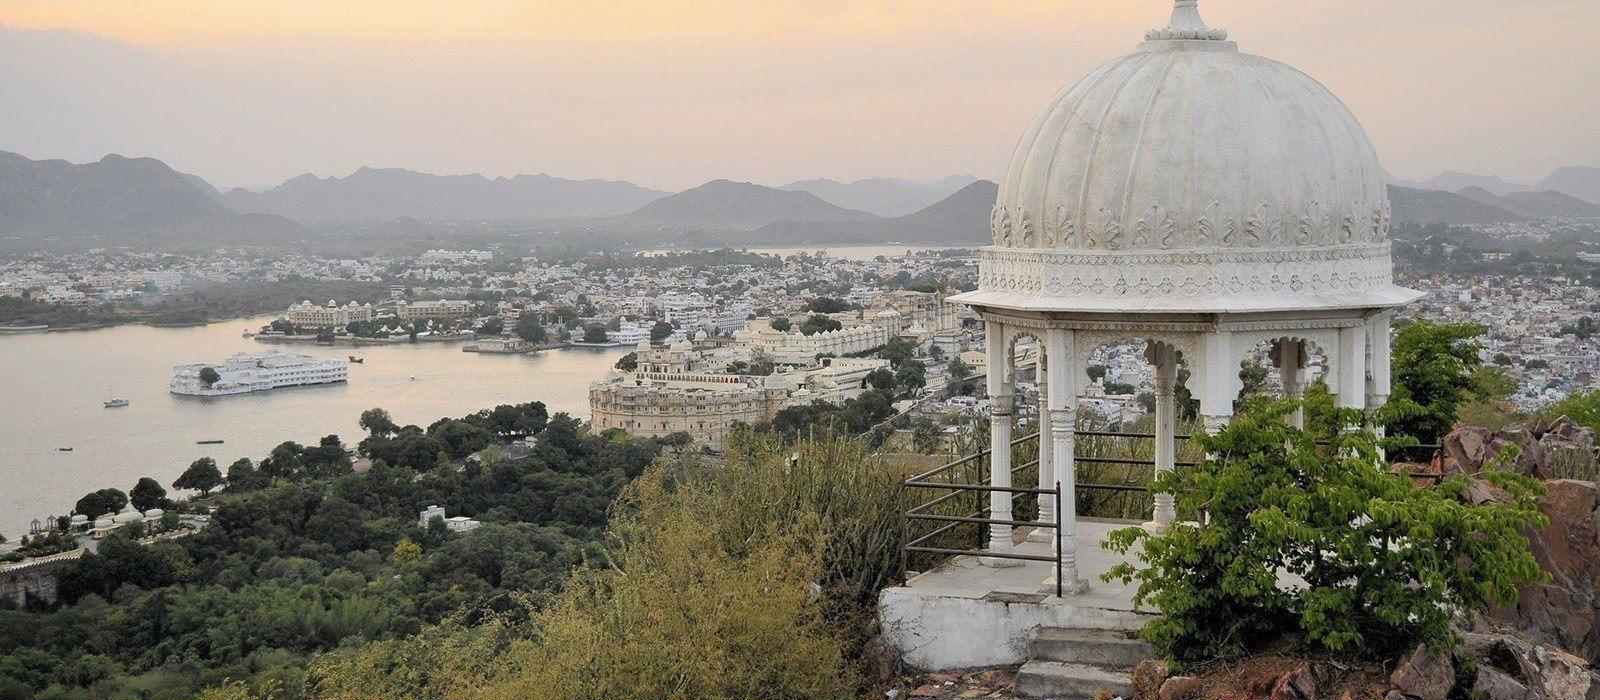 Luxuriöse Nordindienreise – Höhepunkte neu entdeckt Urlaub 3